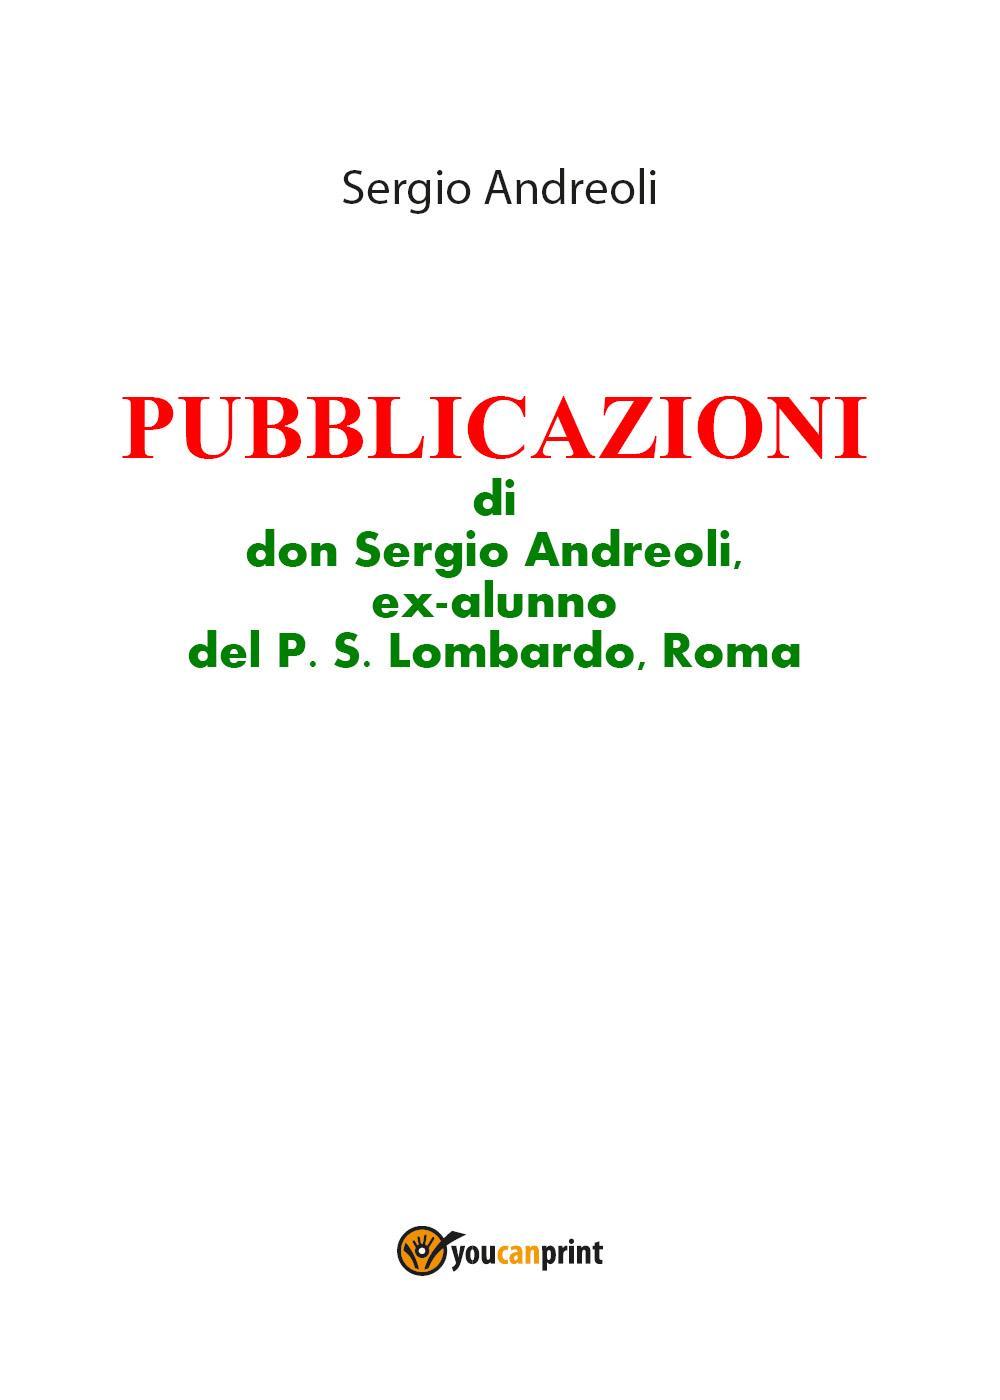 PUBBLICAZIONI di don Sergio Andreoli, ex-alunno del P. S. Lombardo, Roma